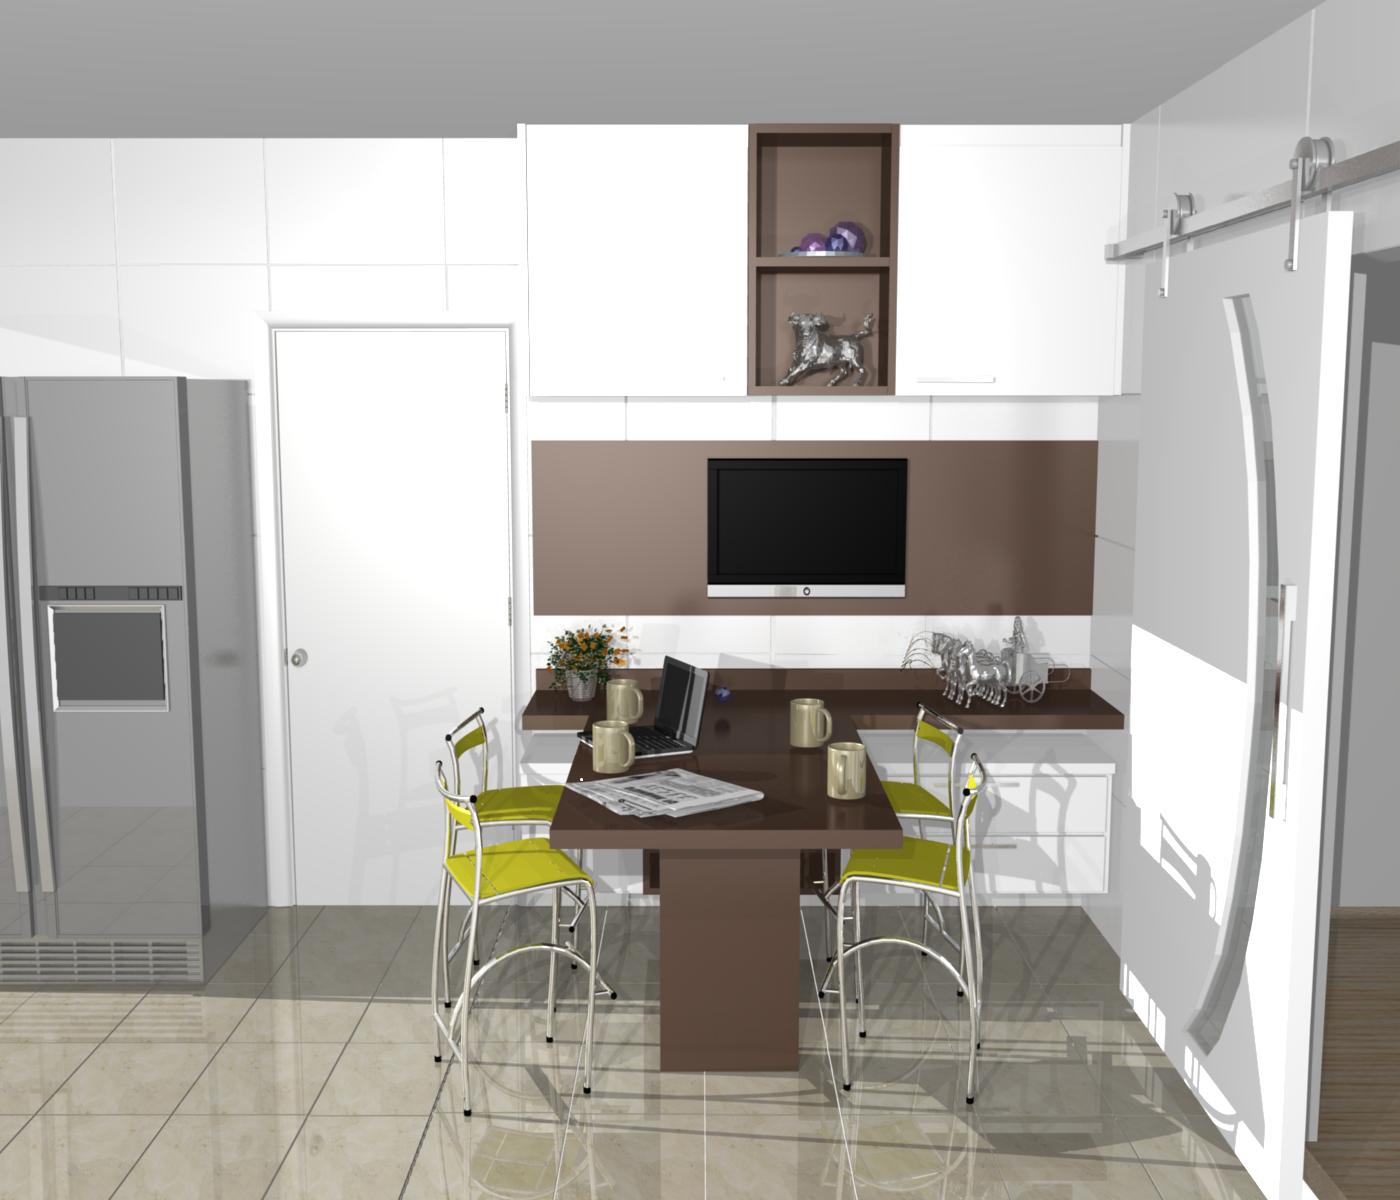 projetos de cozinhas de alguns anos atrás. Hoje em dia temos projetos  #A6A125 1400 1200